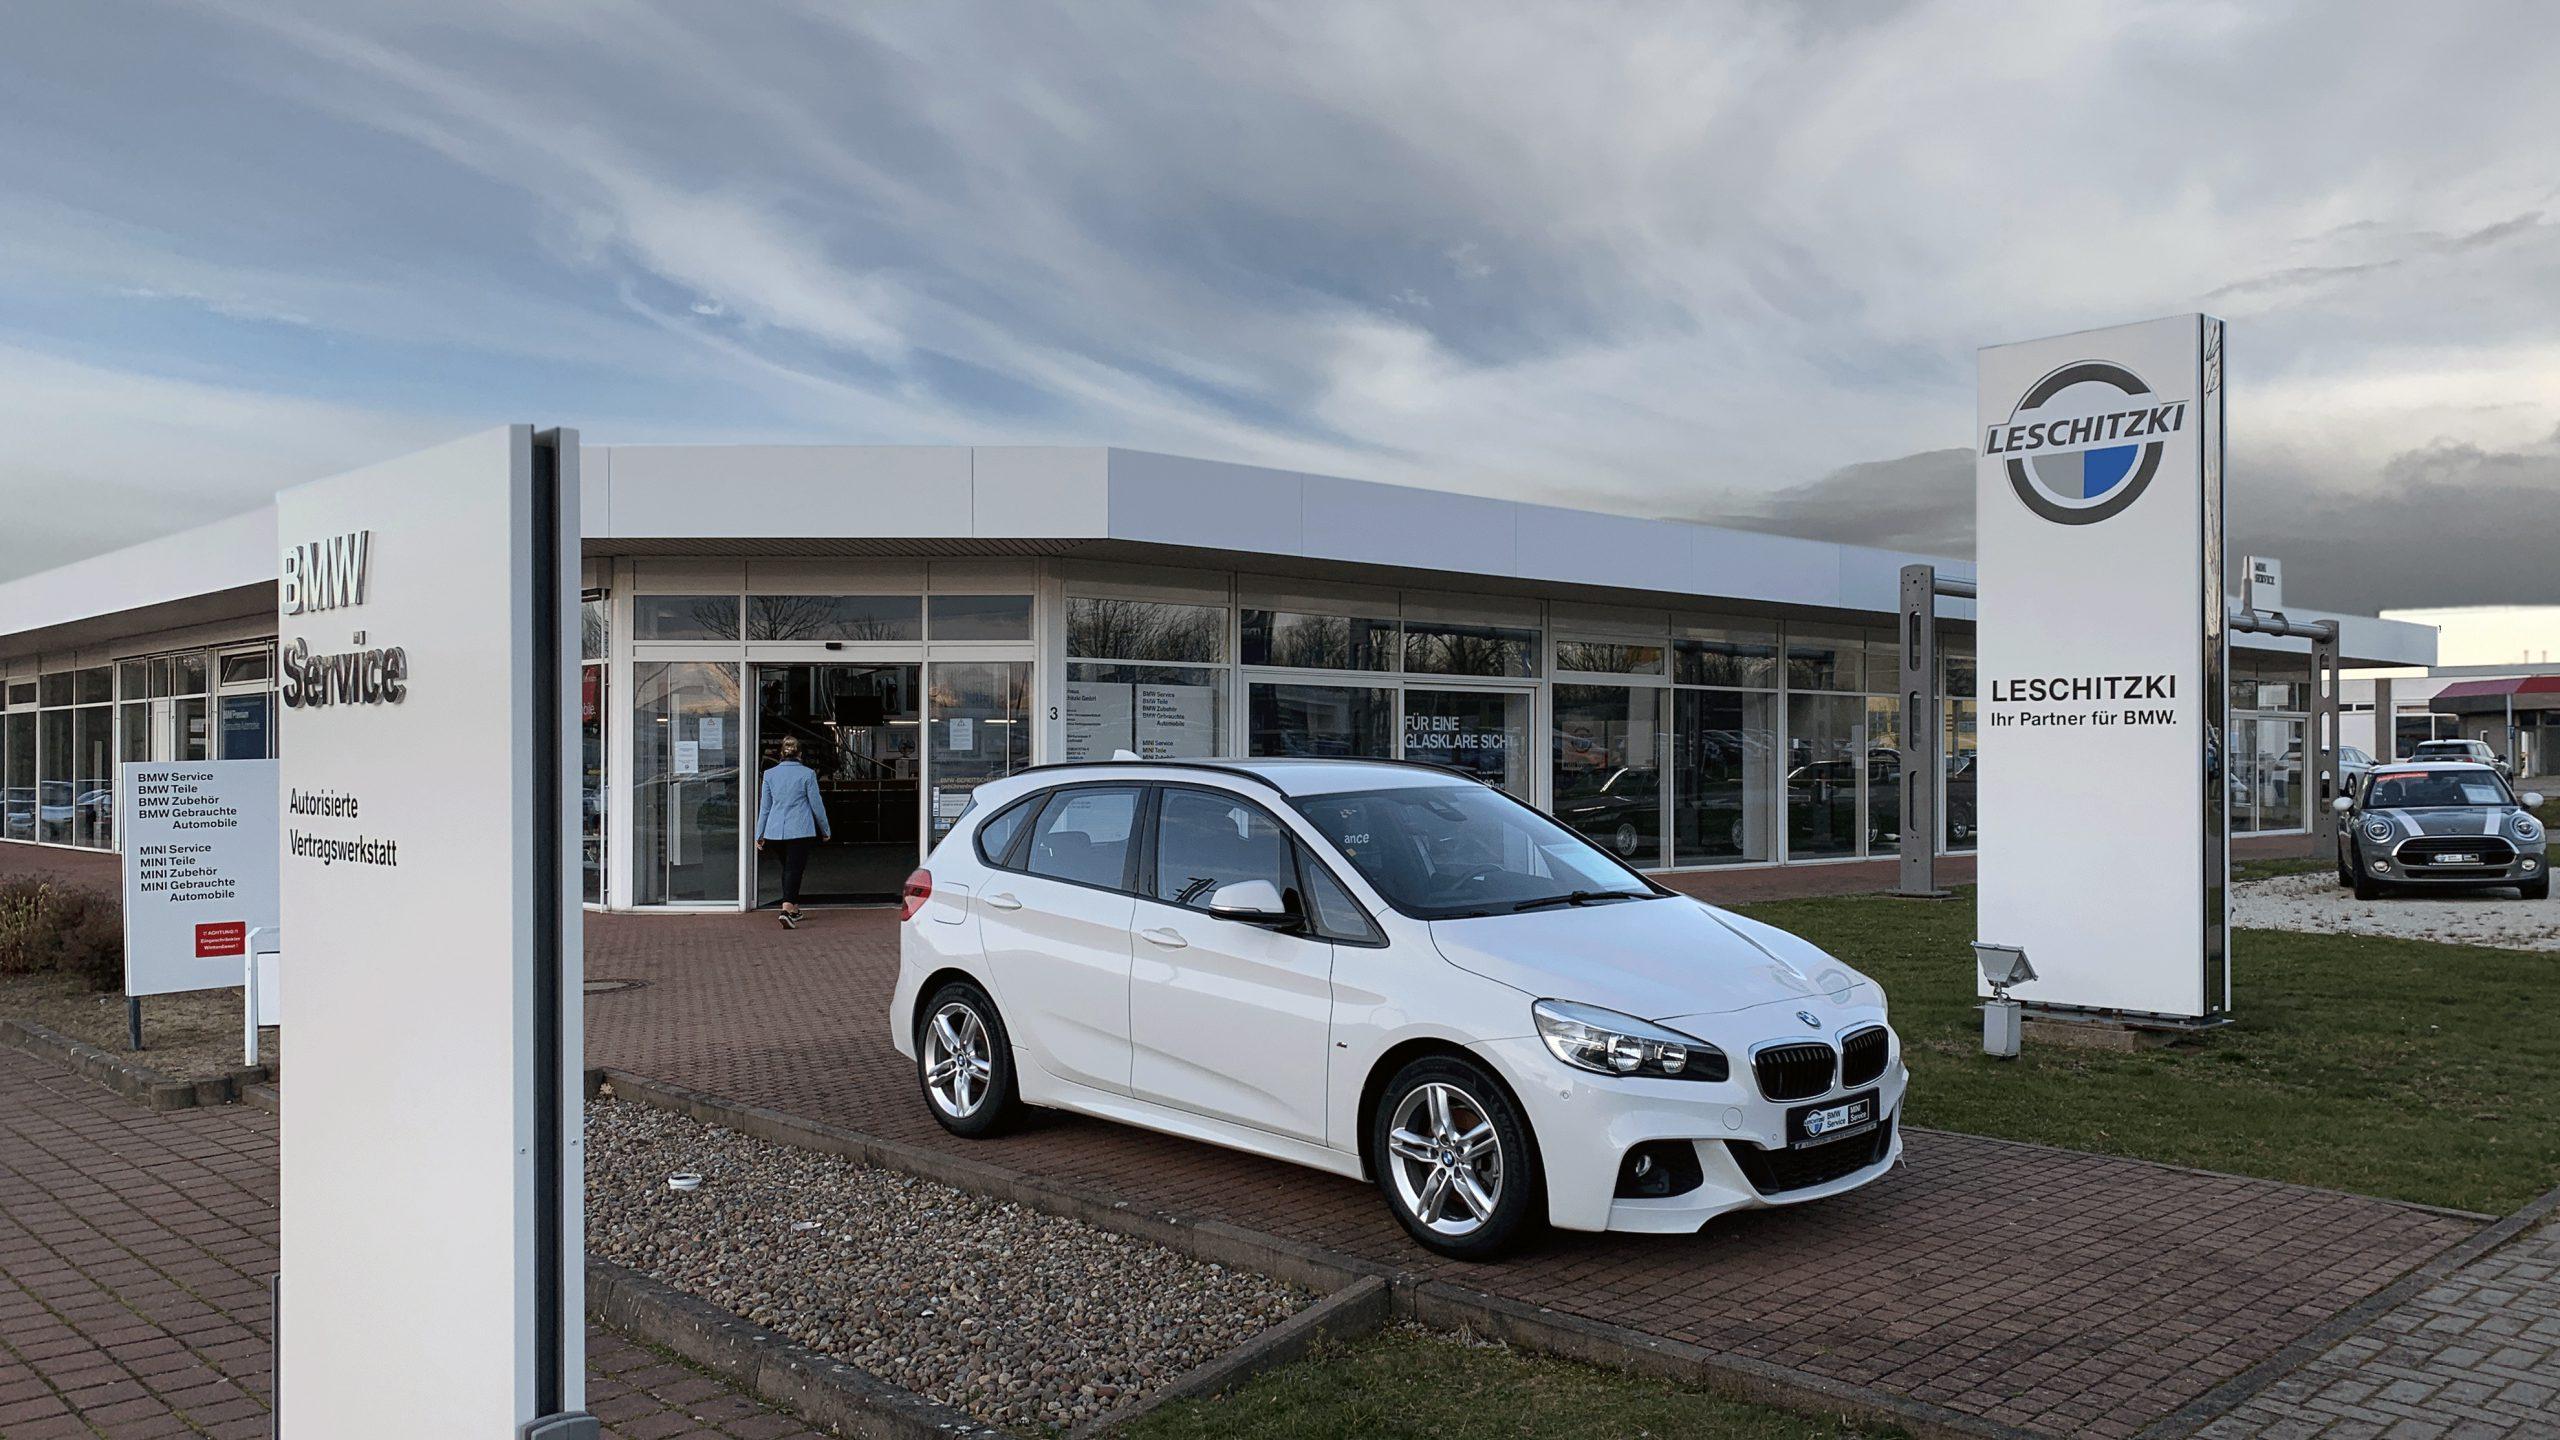 Autohaus Leschitzki ist geöffnet